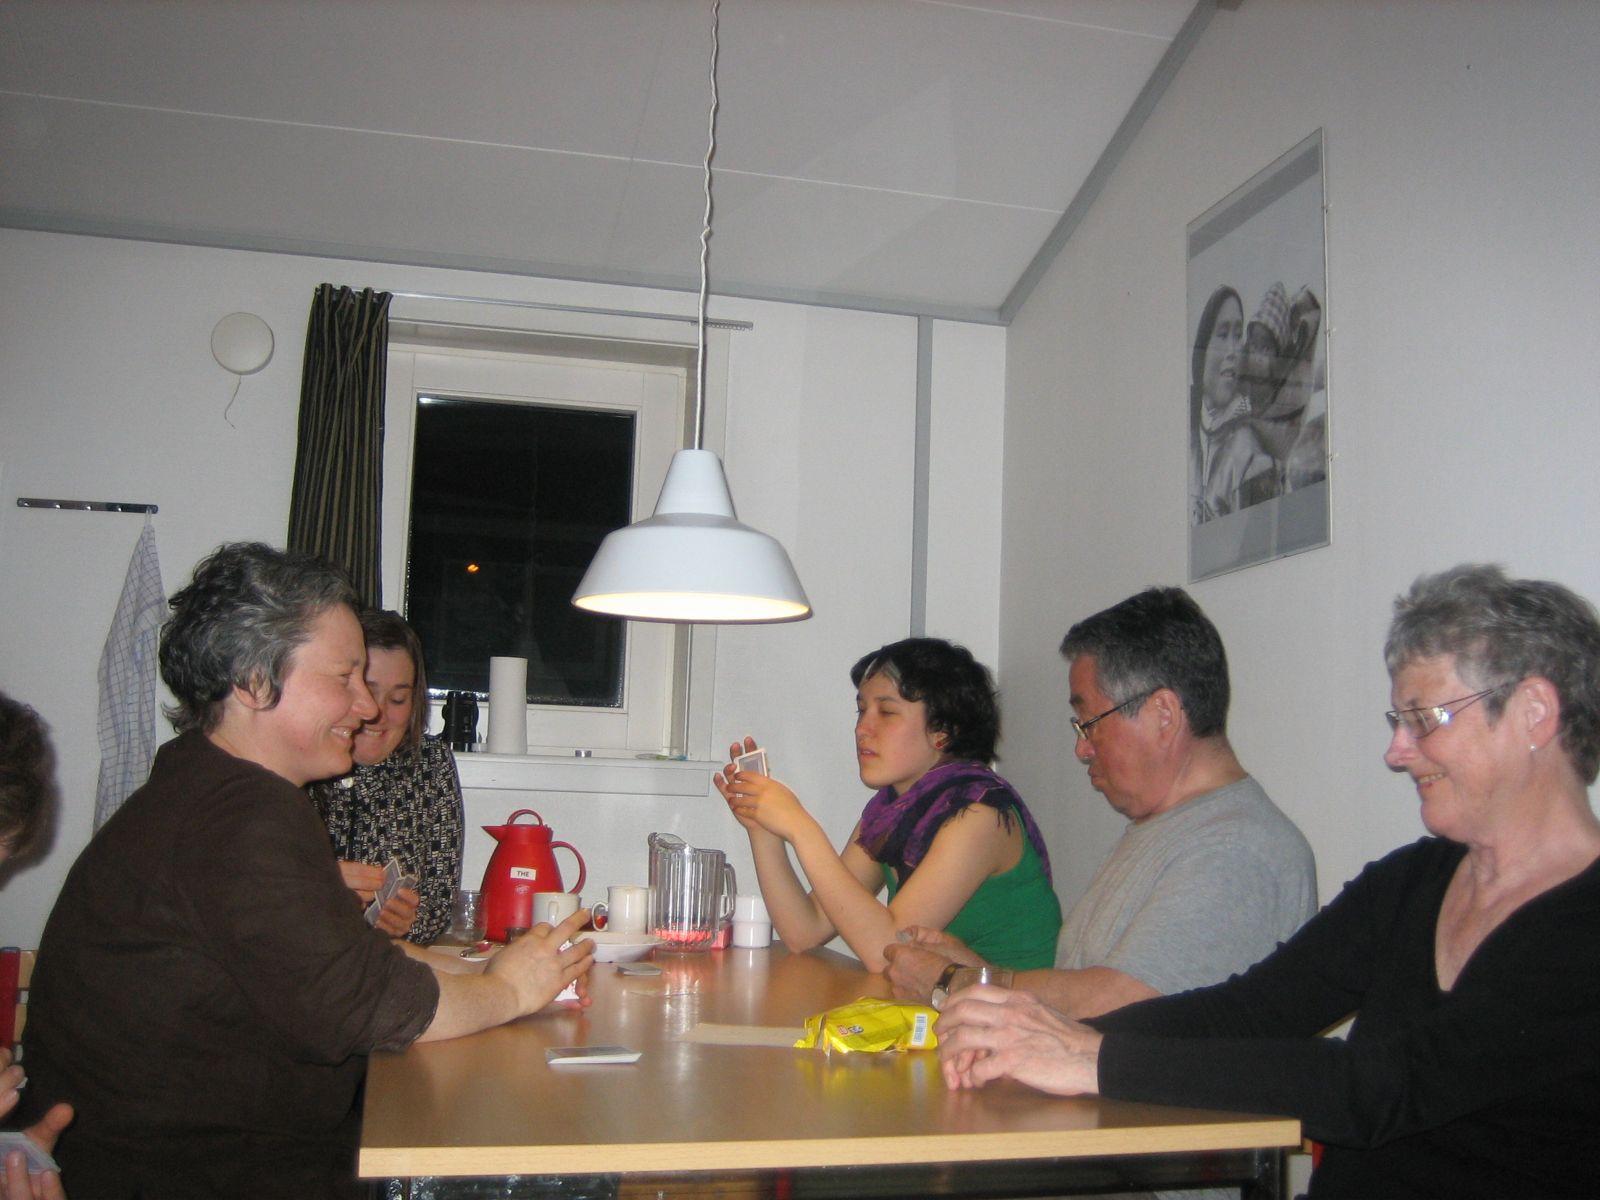 2009-04-04-2302_-_Ivalo Lynge Labansen; Mette Labansen